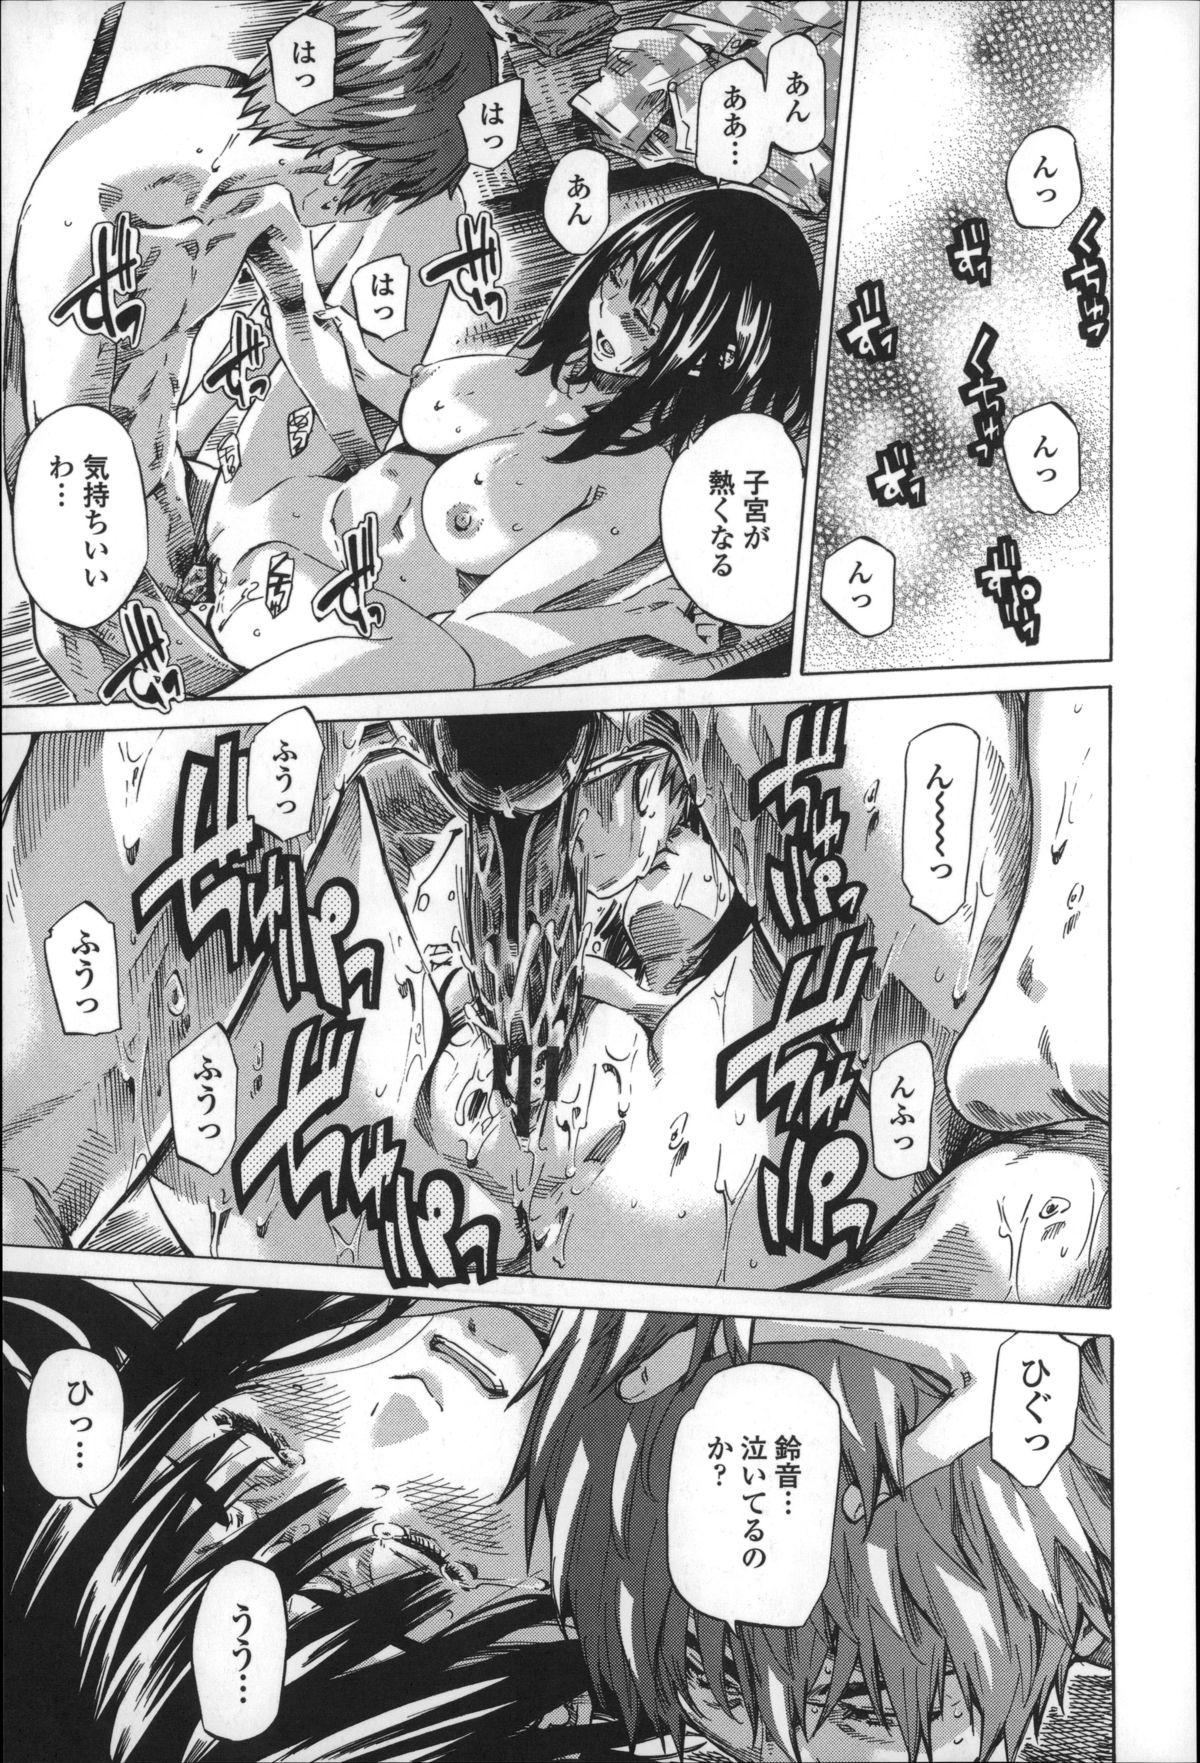 Choushin de Mukuchi no Kanojo ga Hatsujou Shite Kitara Eroiyo ne? 186